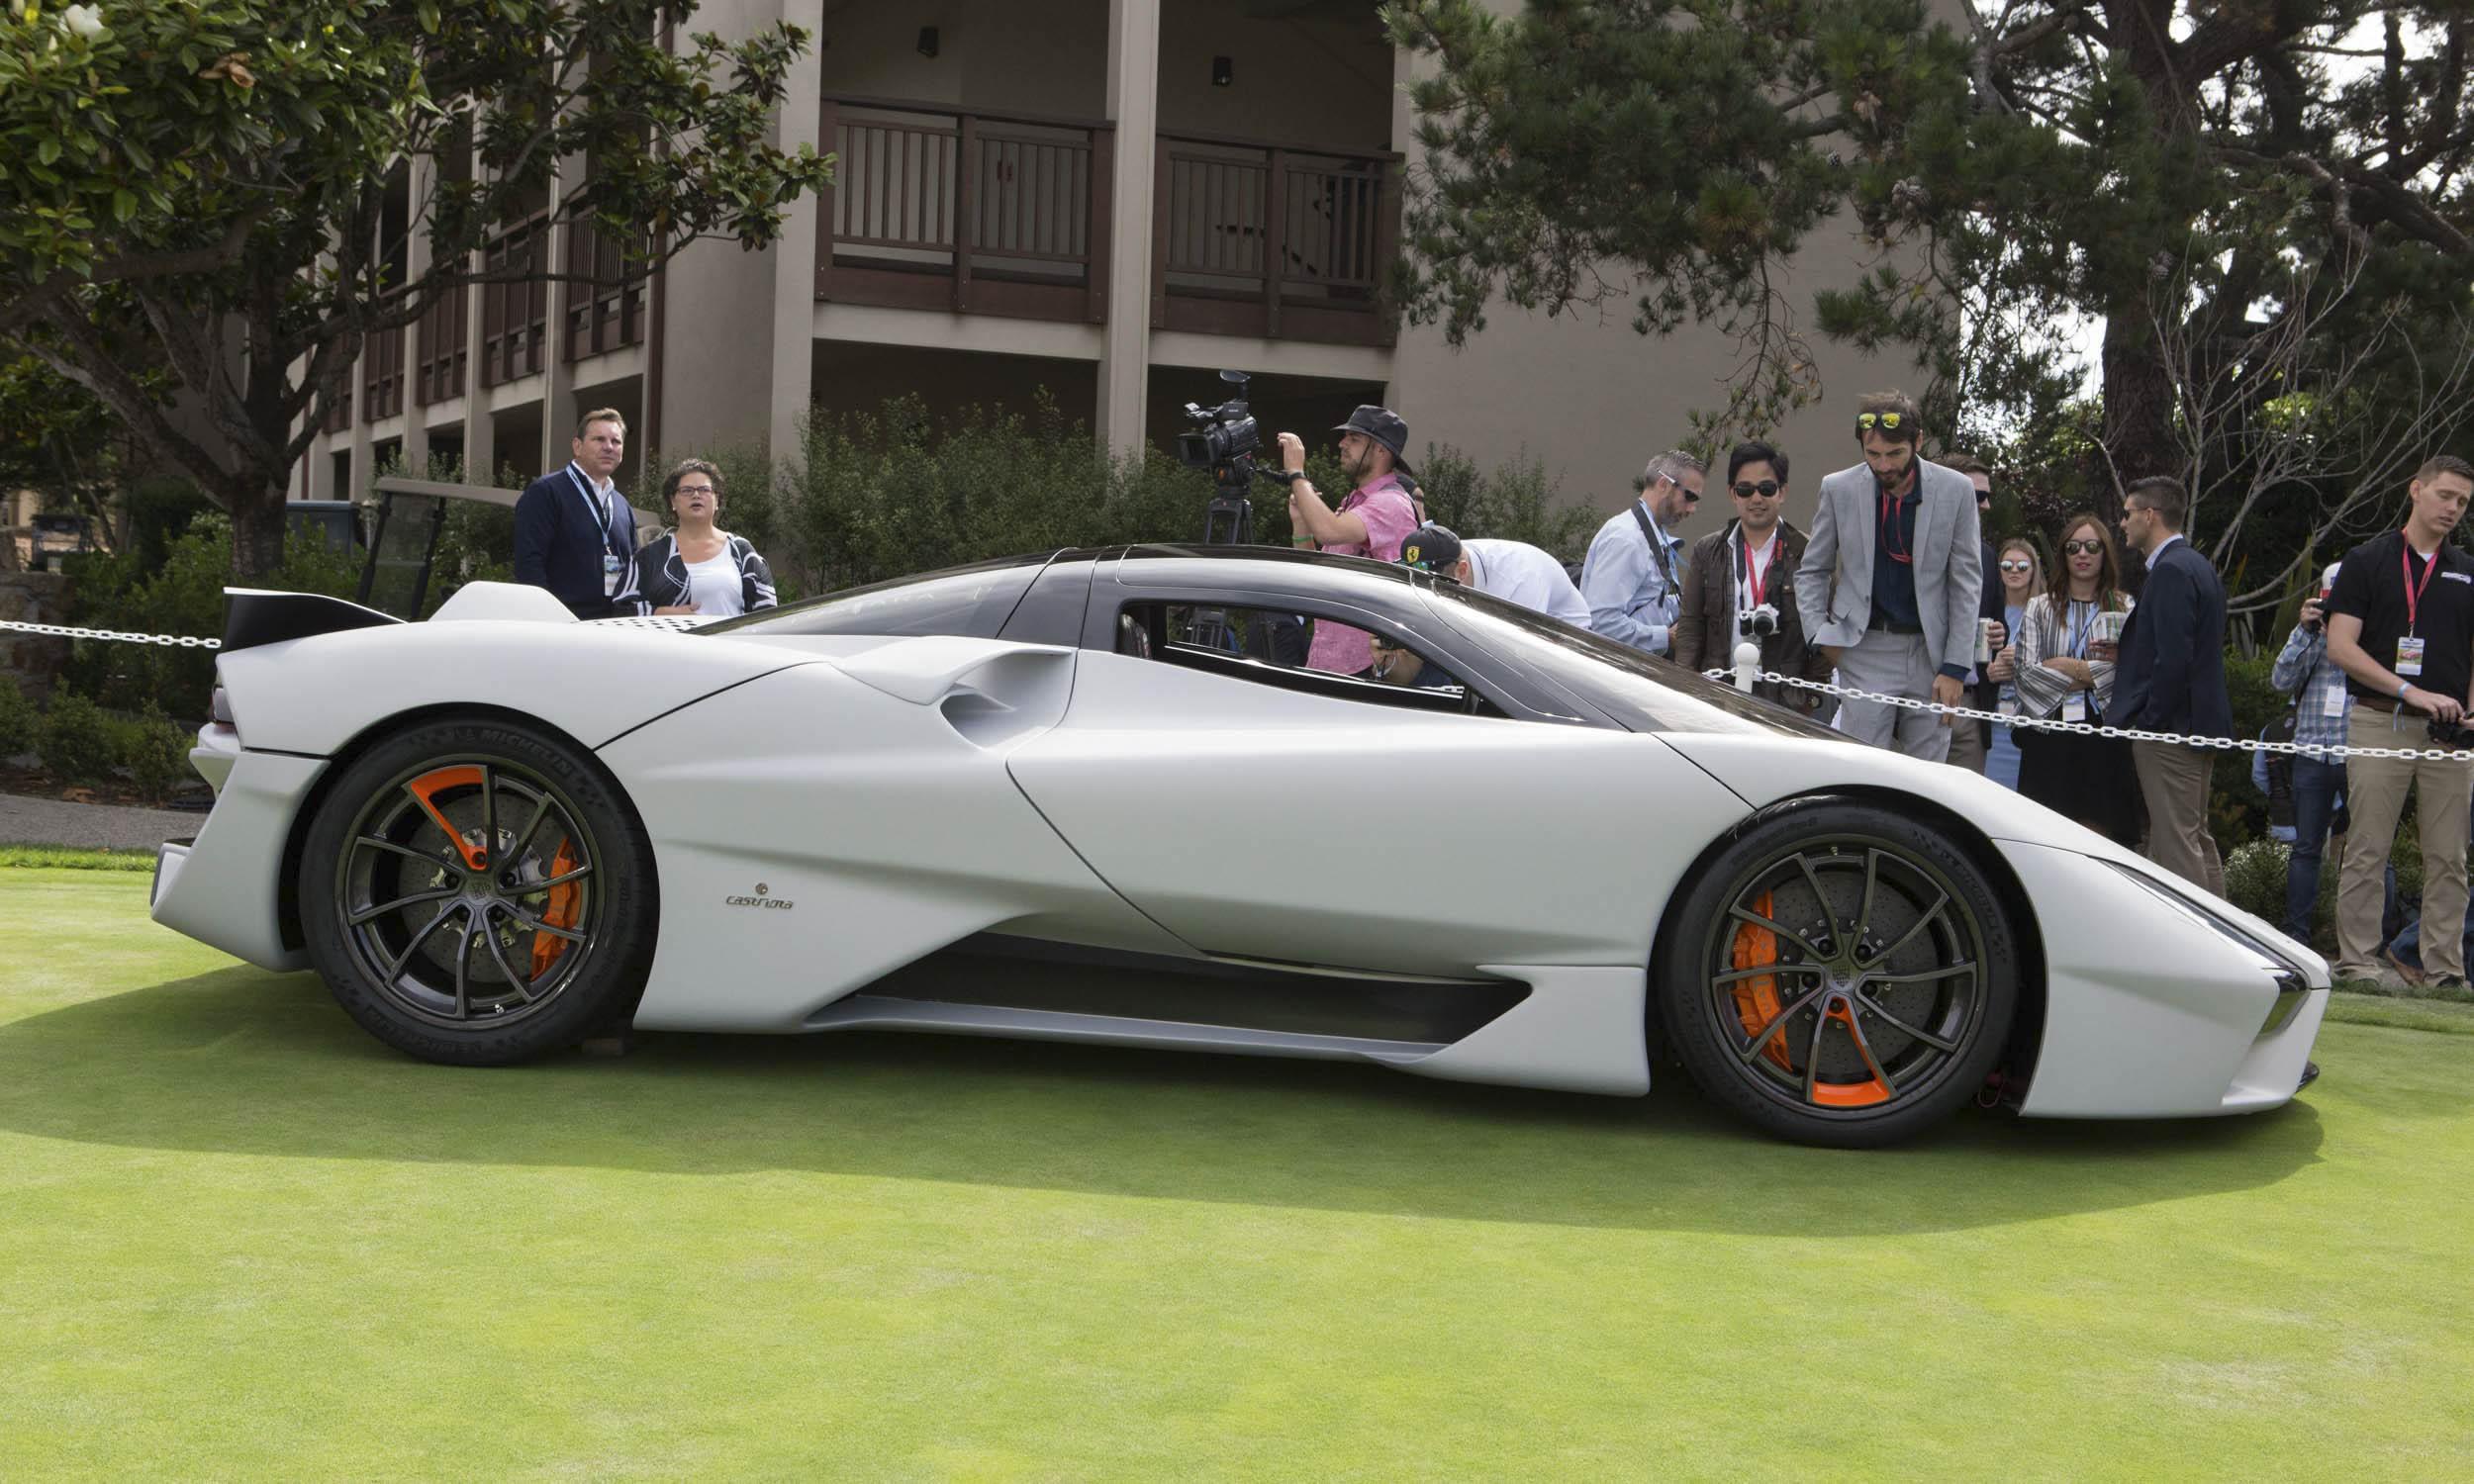 2018 Pebble Beach Concours Concept Car Lawn 187 Autonxt